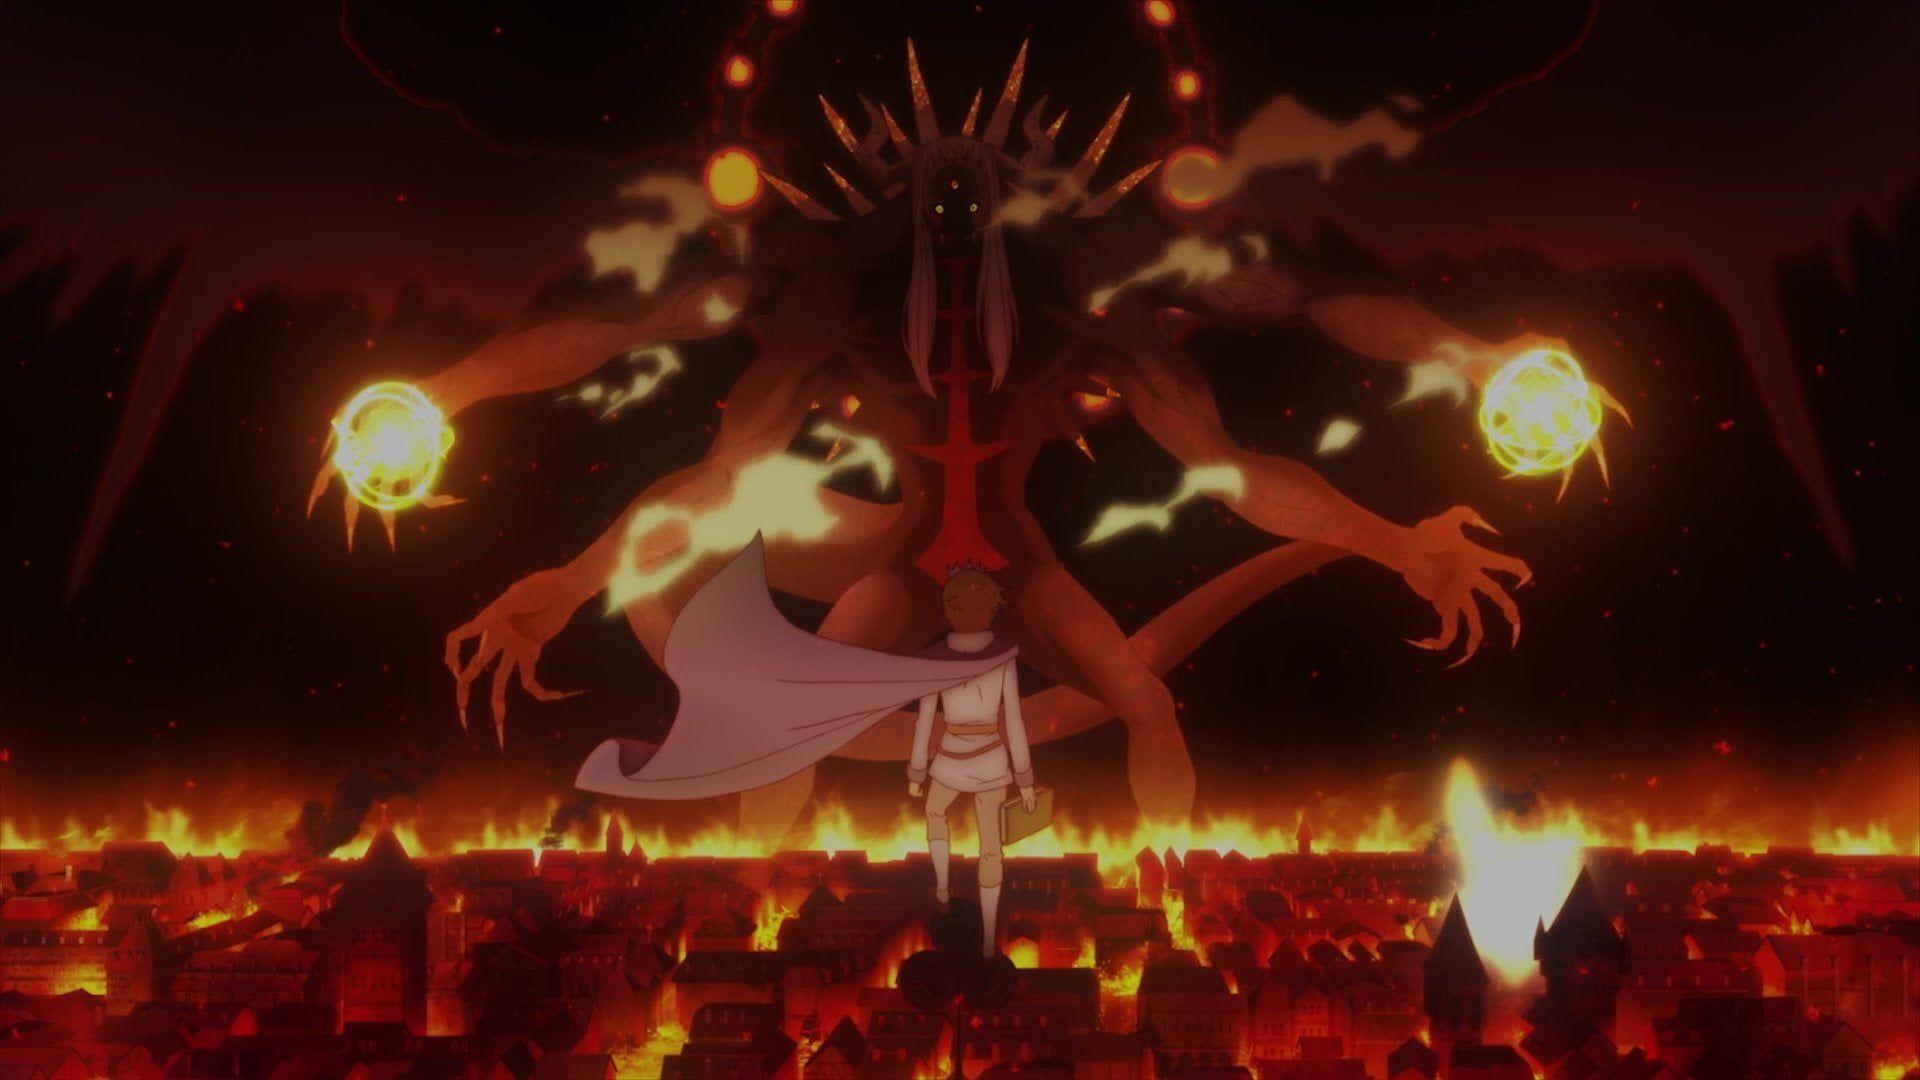 Anime Black Clover 1080p Wallpaper Hdwallpaper Desktop In 2021 Black Clover Anime Hd Anime Wallpapers Anime